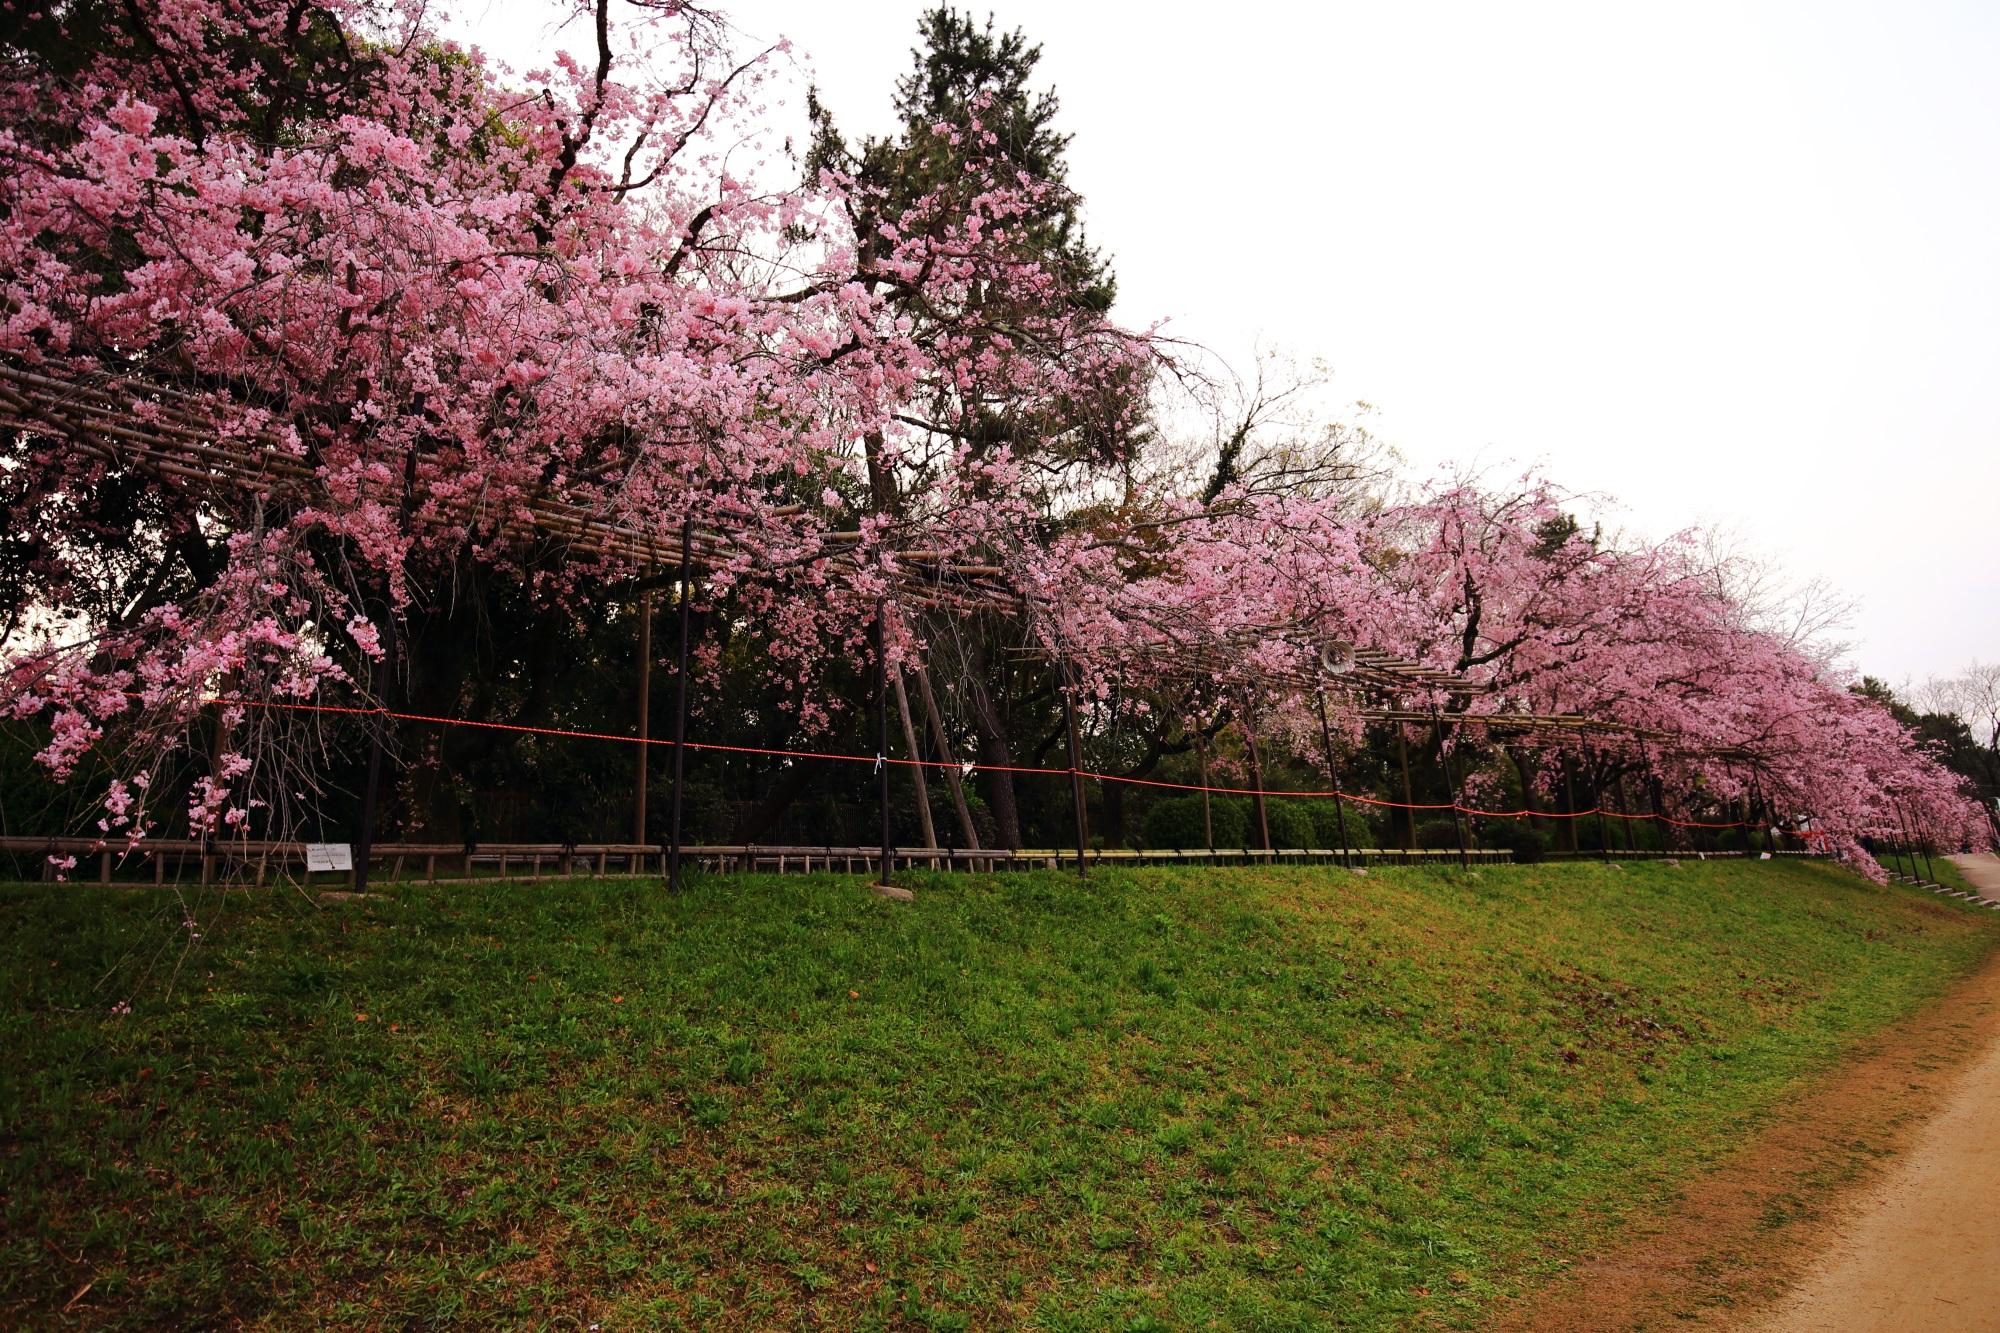 続く長いしだれ桜並木